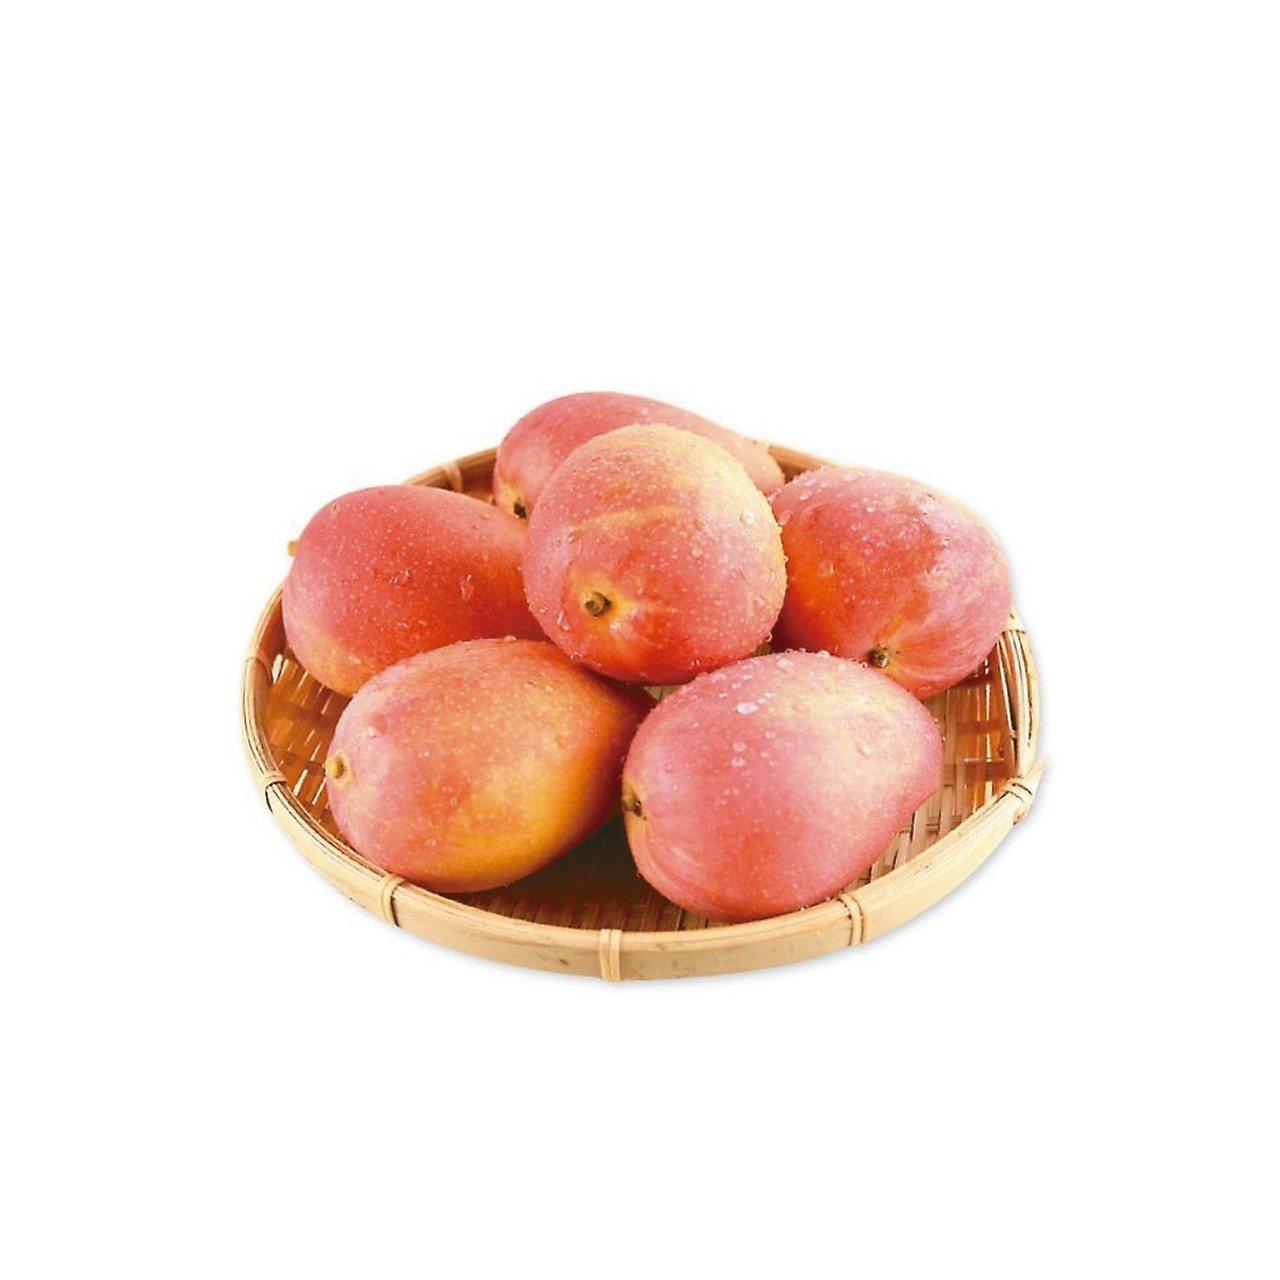 水蜜桃芒果禮盒售價950元。 圖/愛買提供